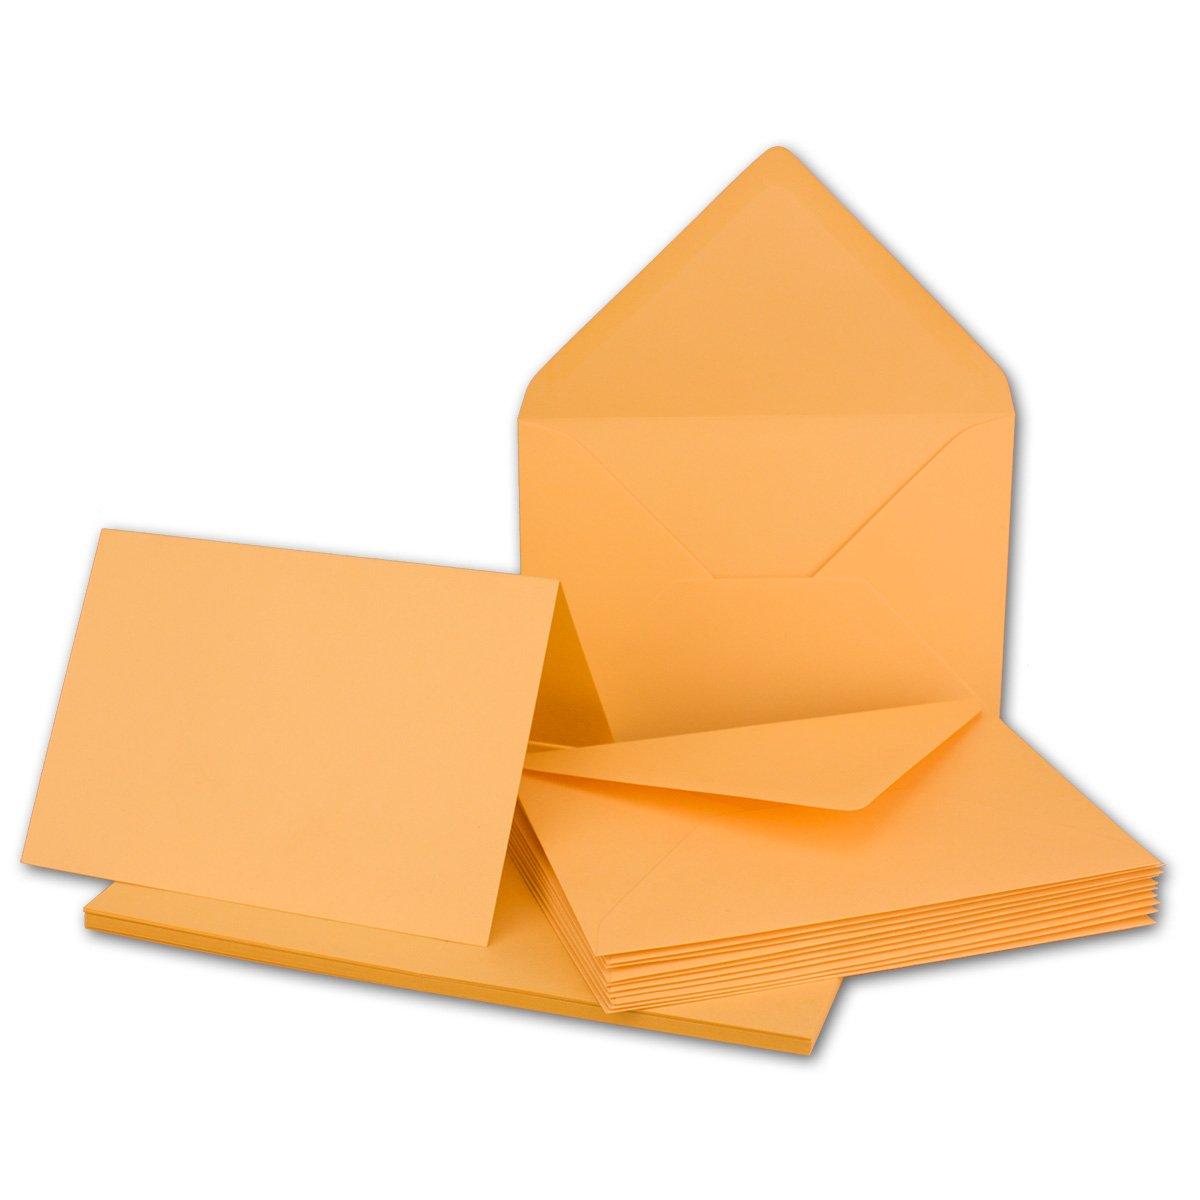 Faltkarten Set mit Brief-Umschlägen DIN A6   C6 in Rosanrot   100 Sets   14,8 x 10,5 cm   Premium Qualität   Serie FarbenFroh® B079Z7J196 | Erste Kunden Eine Vollständige Palette Von Spezifikationen